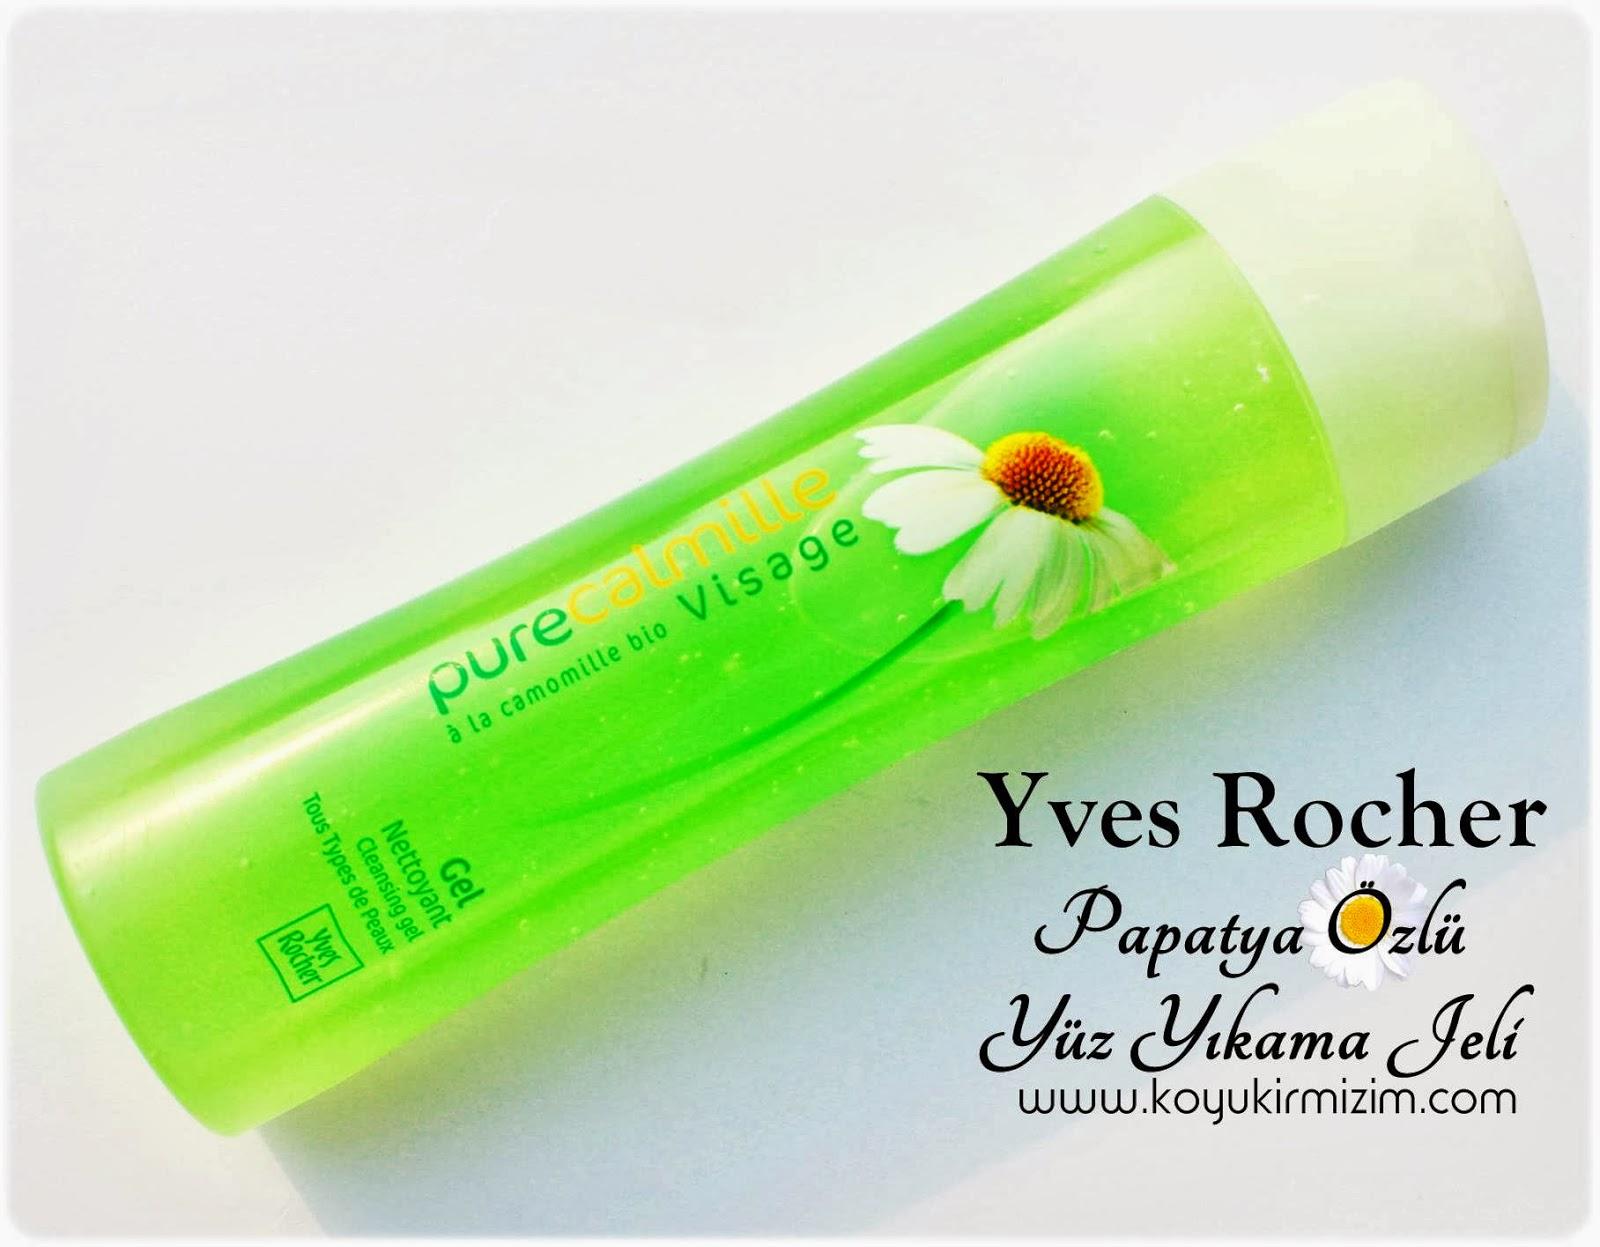 Yves Rocher Yumuşatıcı Yüz Yıkama Jeli